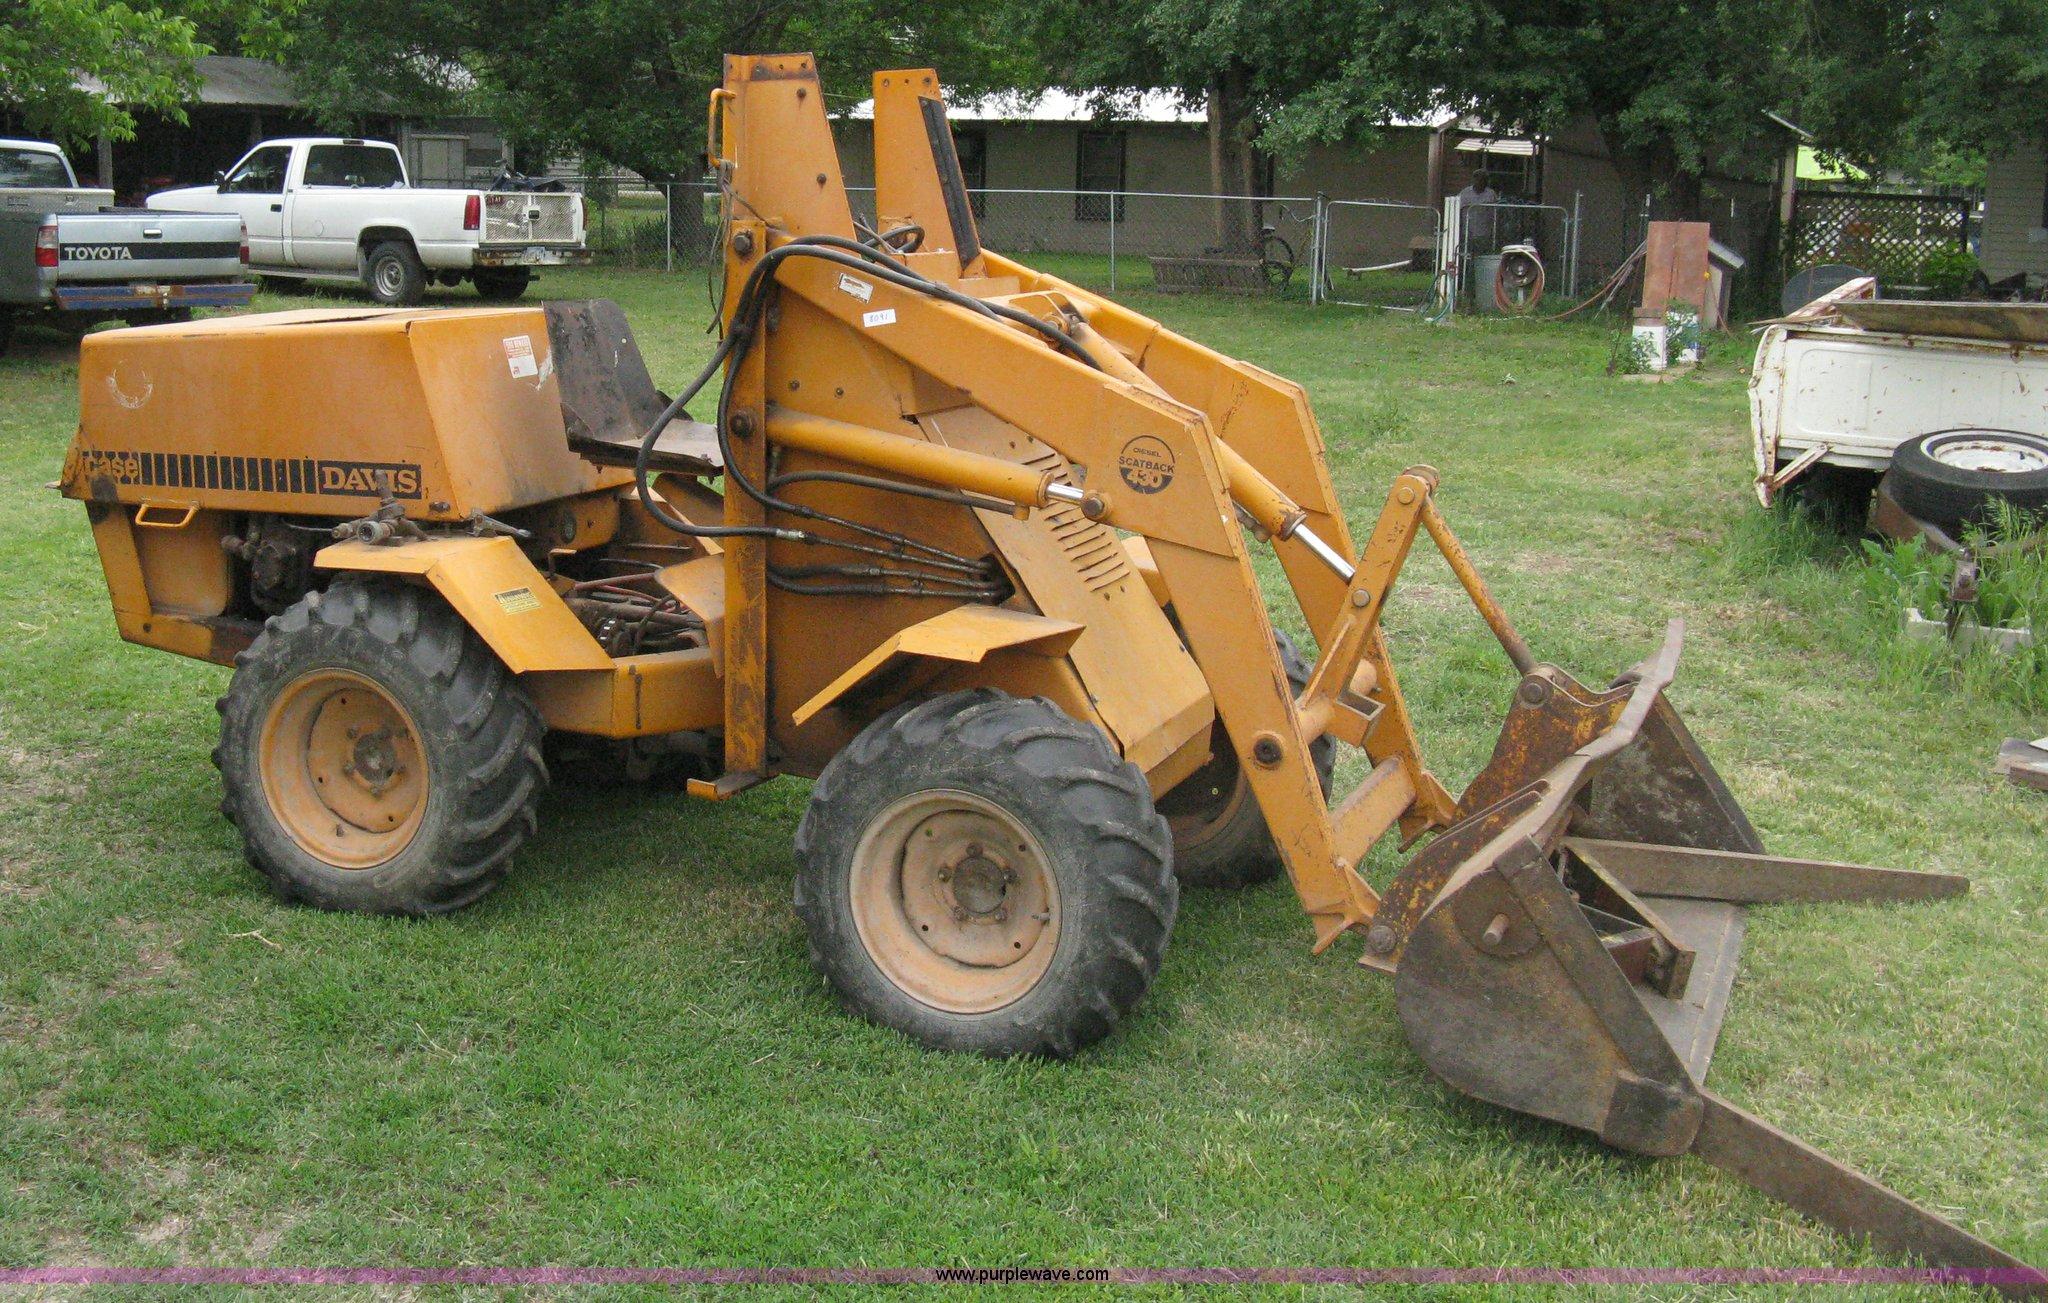 case davis 430 scat back loader in peck ks item 8091 sold purple wave case davis 430 scat back loader in peck